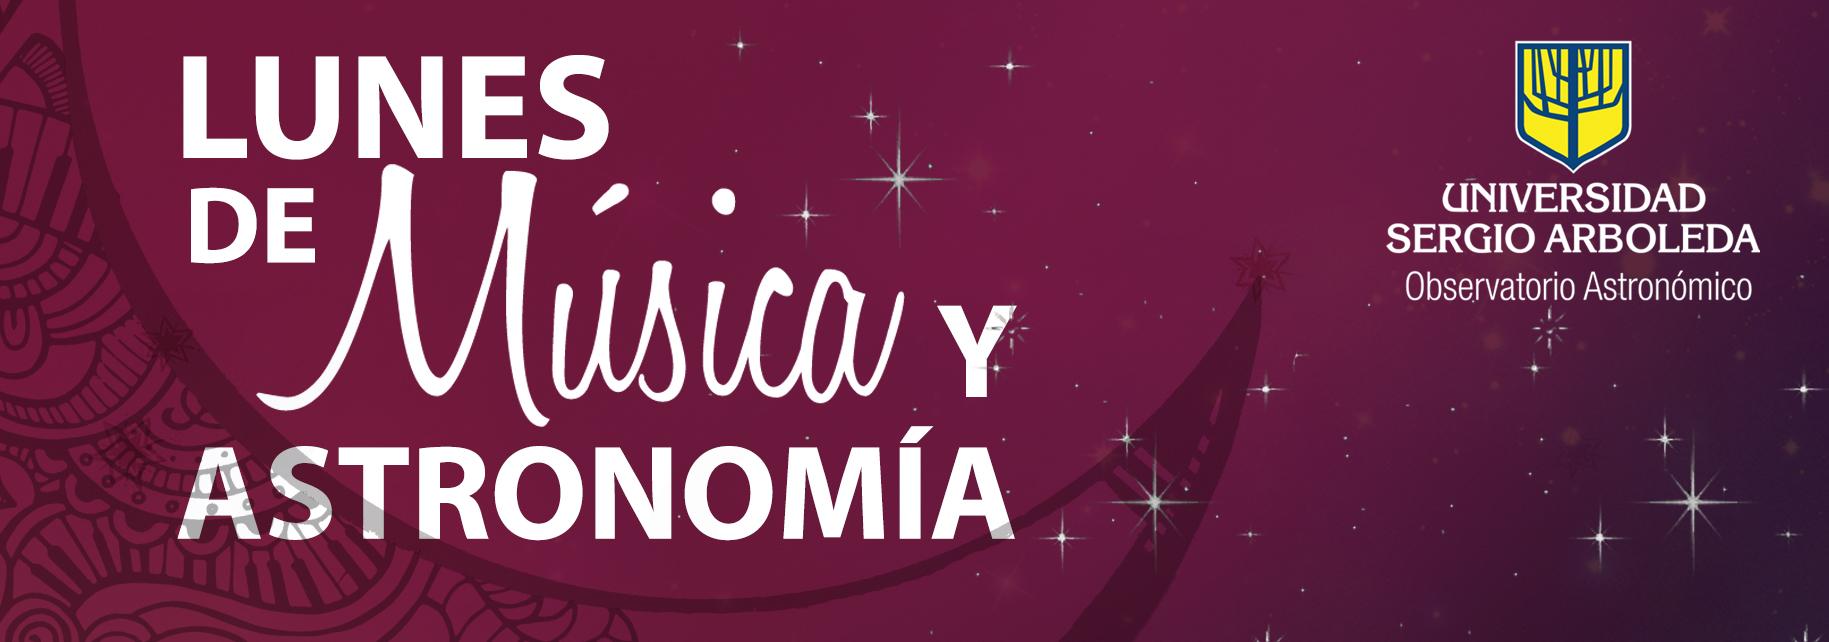 Martes_de_musica_y_astronomia_banner